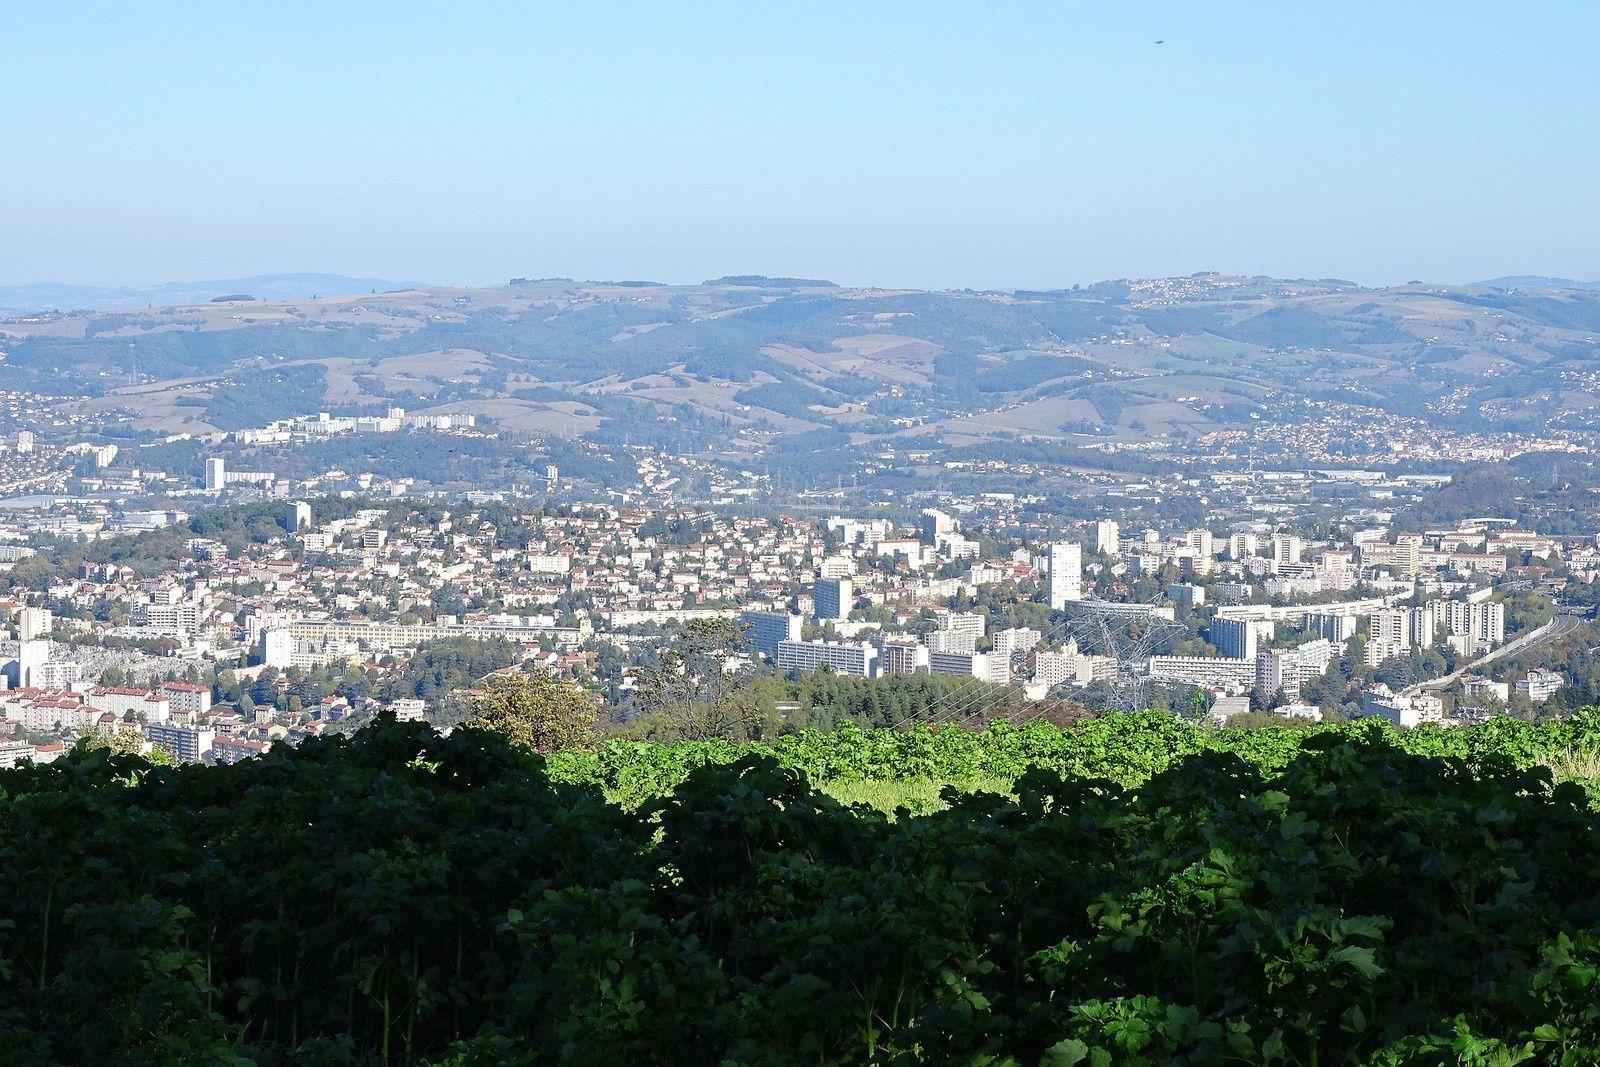 De là-haut nous dominons la ville de Saint Etienne et le temps clair permet de voir au-delà.